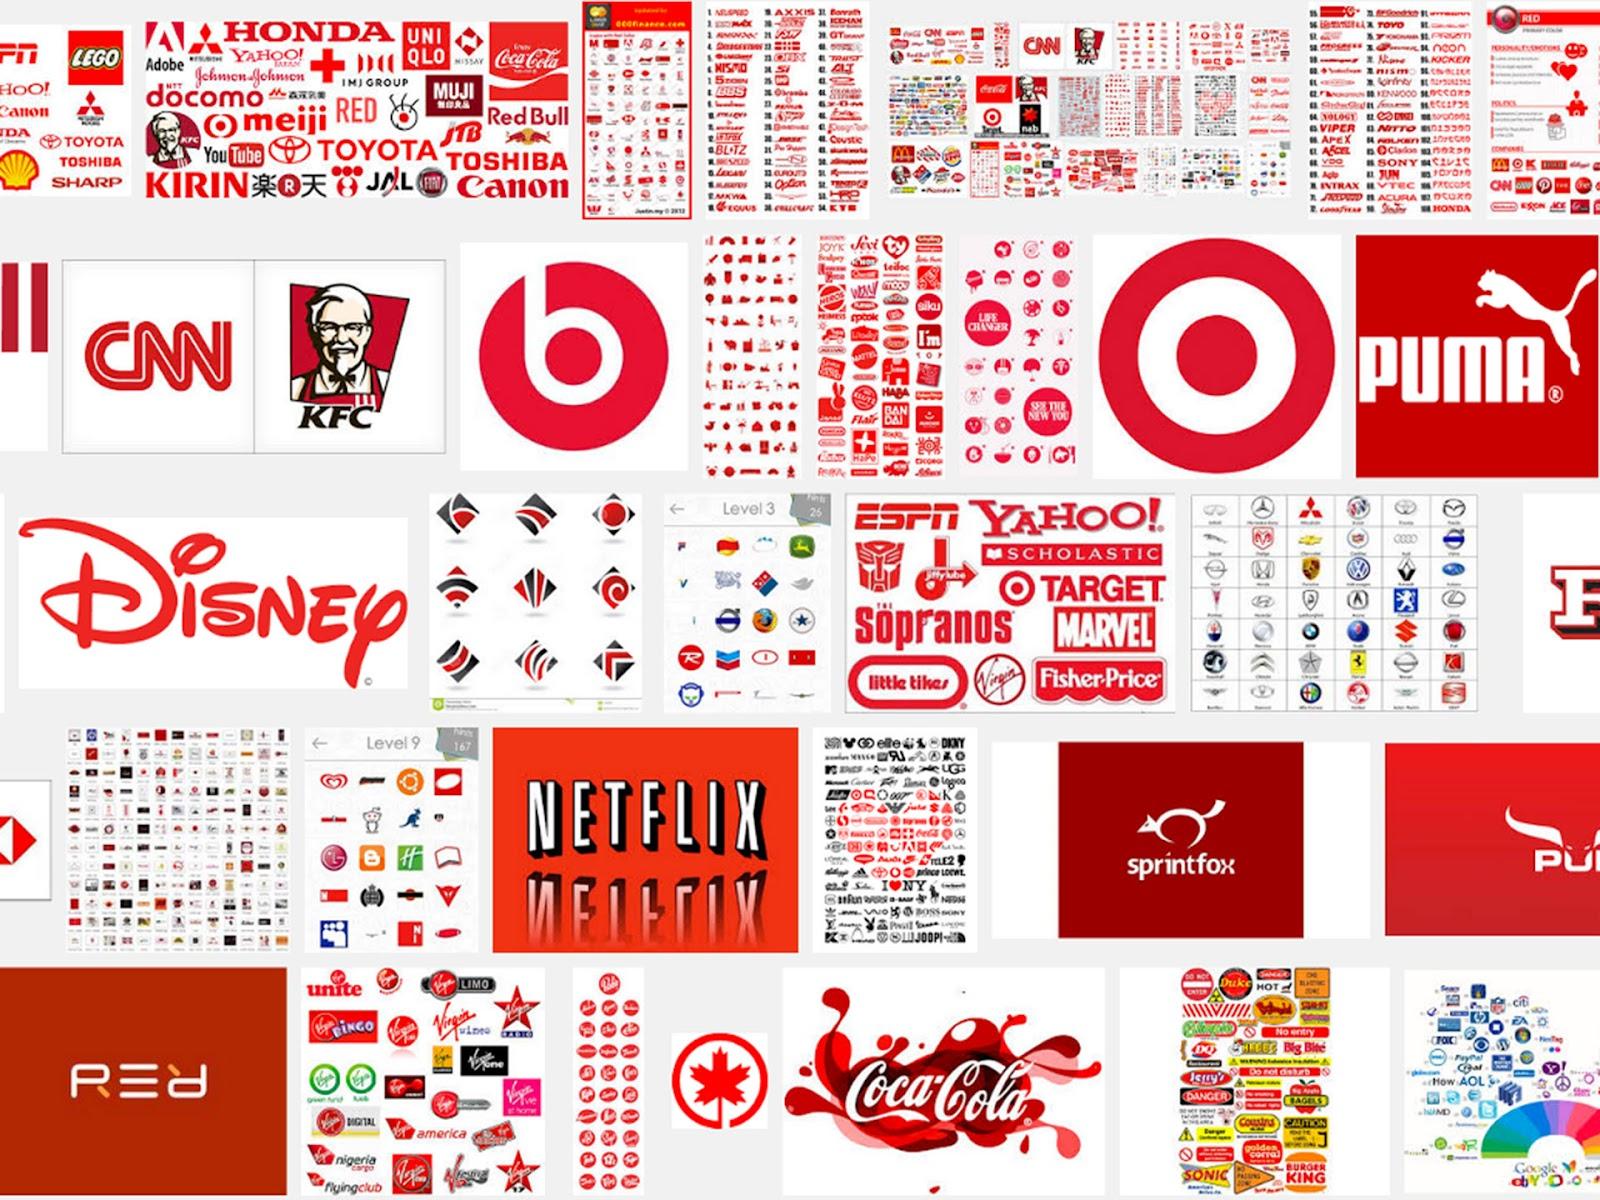 Các thương hiệu nổi tiếng sử dụng màu đỏ làm màu chủ đạo